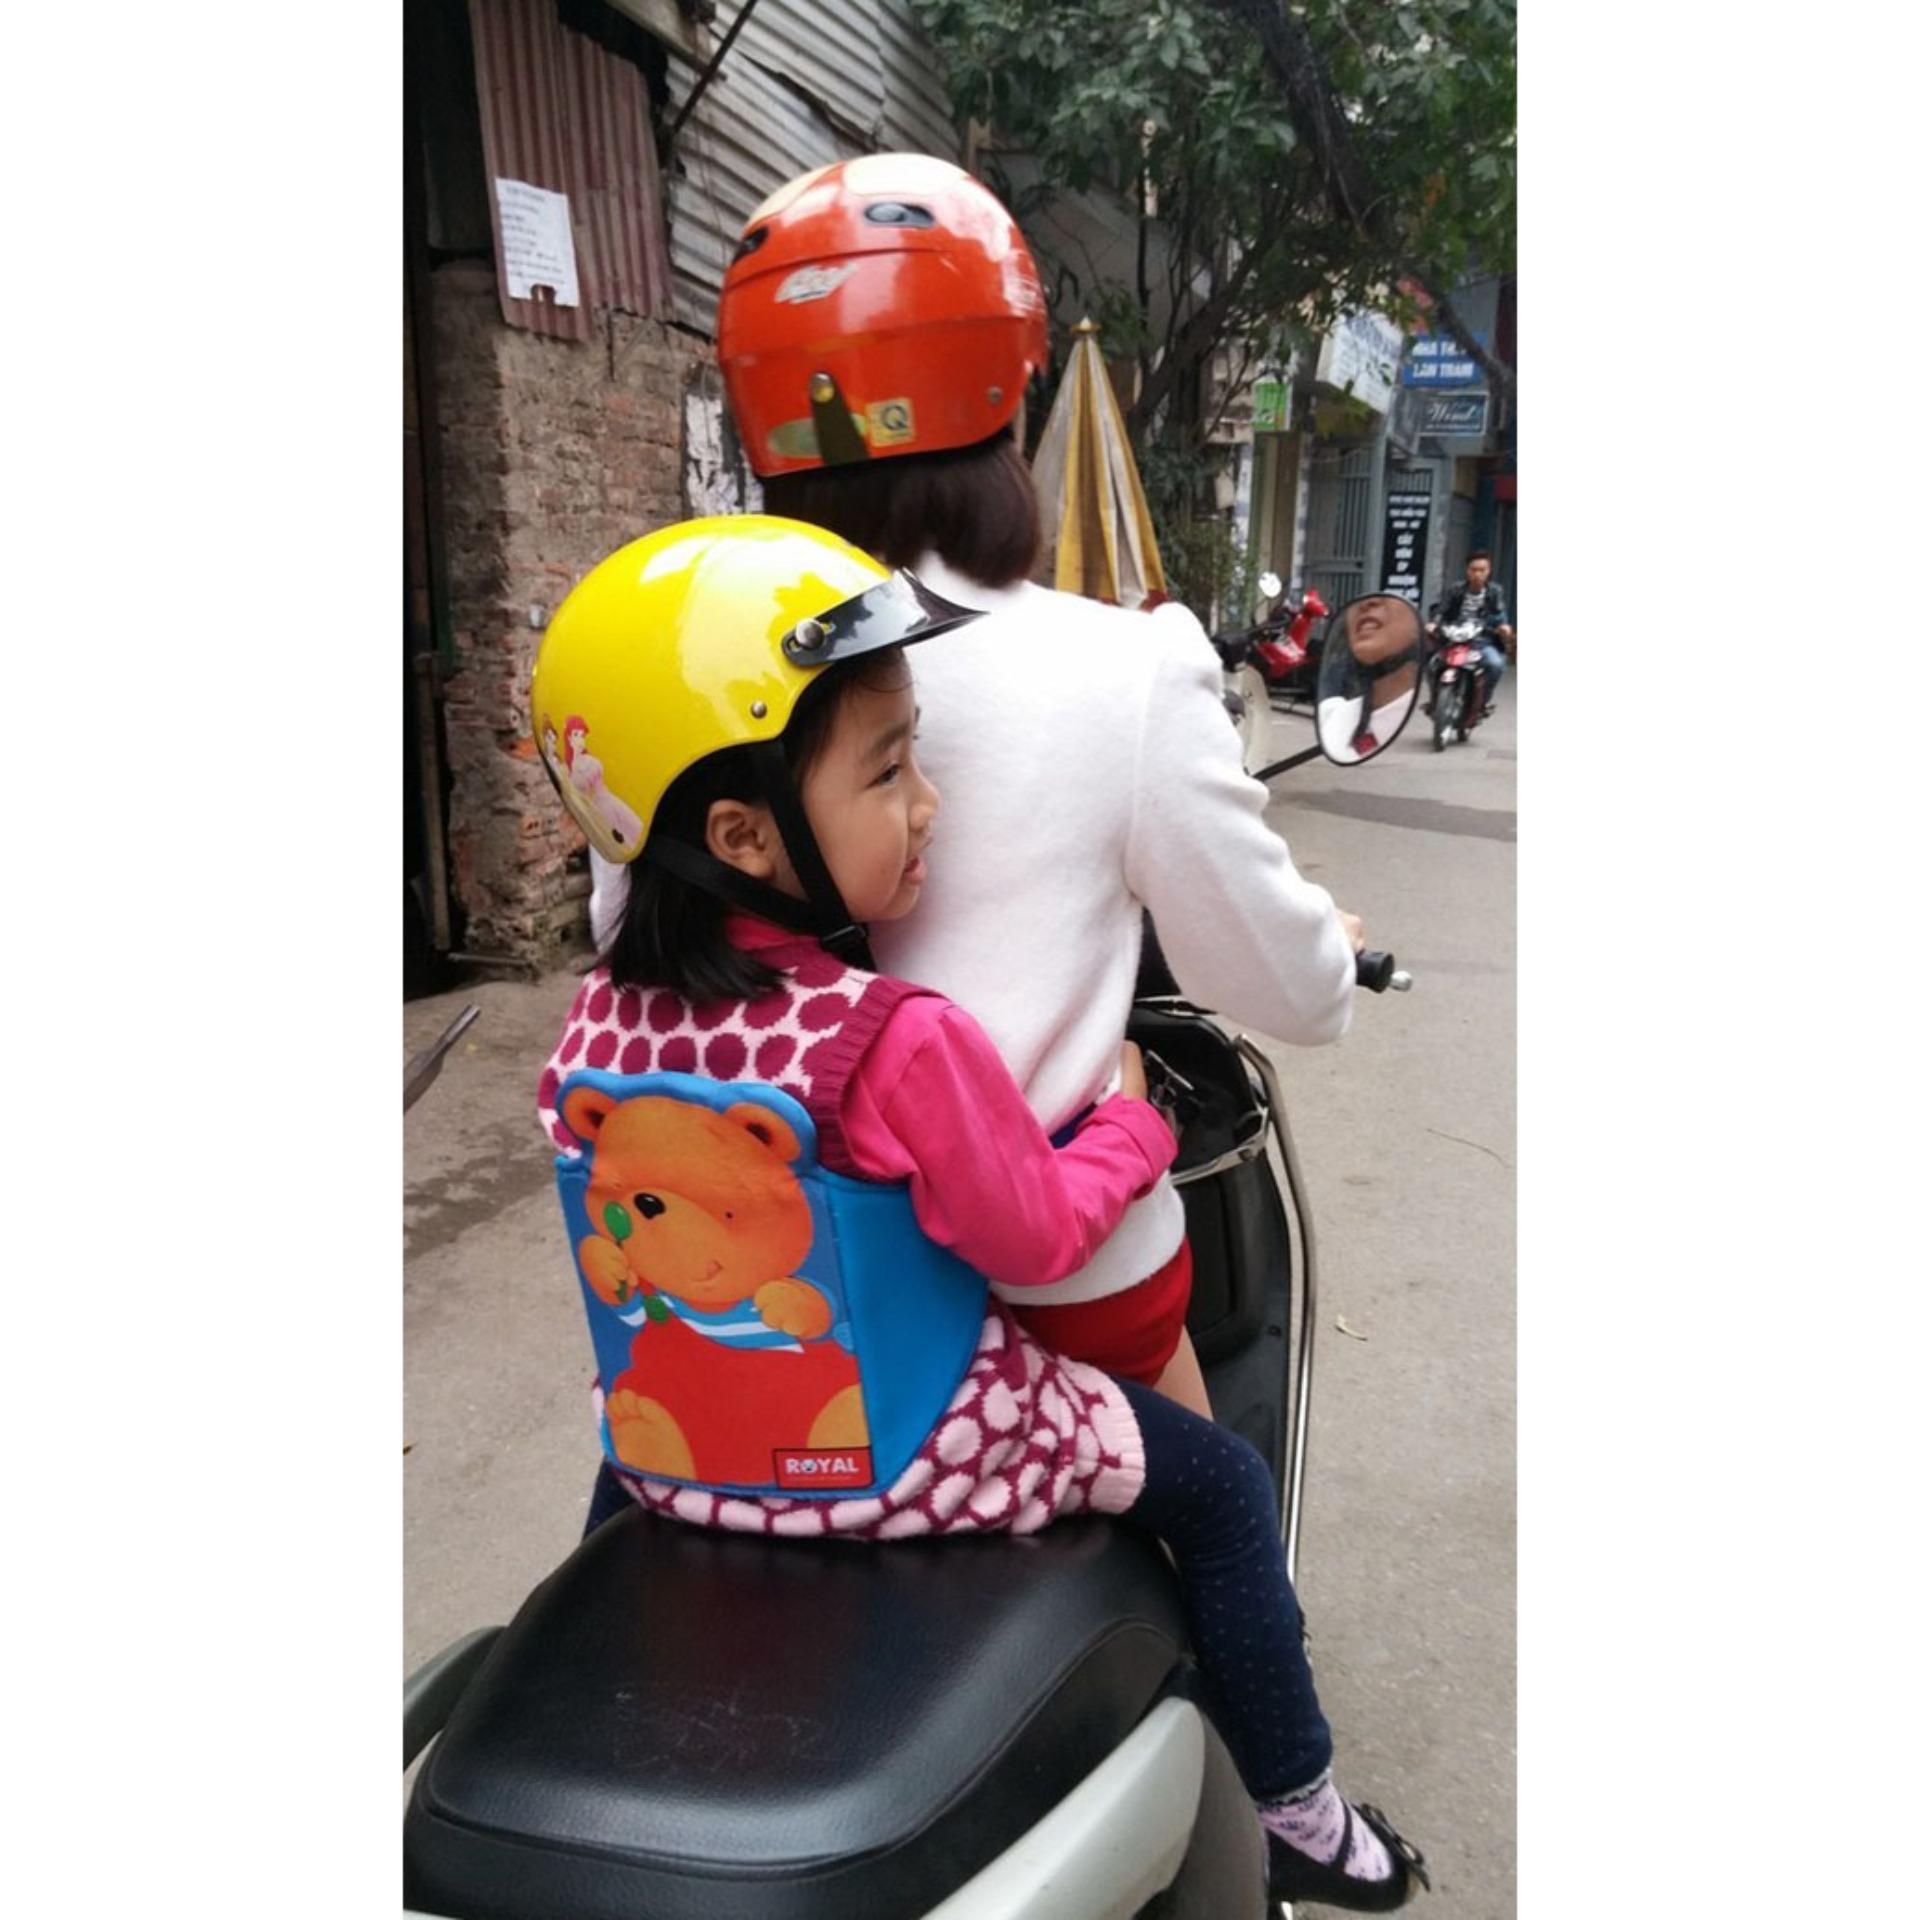 Hình ảnh Địu cho bé;địu cho bé 1 tuổi;địu cho bé đi xe máy - Địu em bé cao cấp , địu 4 tư thế - 100% Cotton, Chỉ Giảm Giá Ngày Hôm Nay - BH uy tín 1 đổi 1 bởi HMSHOP - Mẫu mới 2140